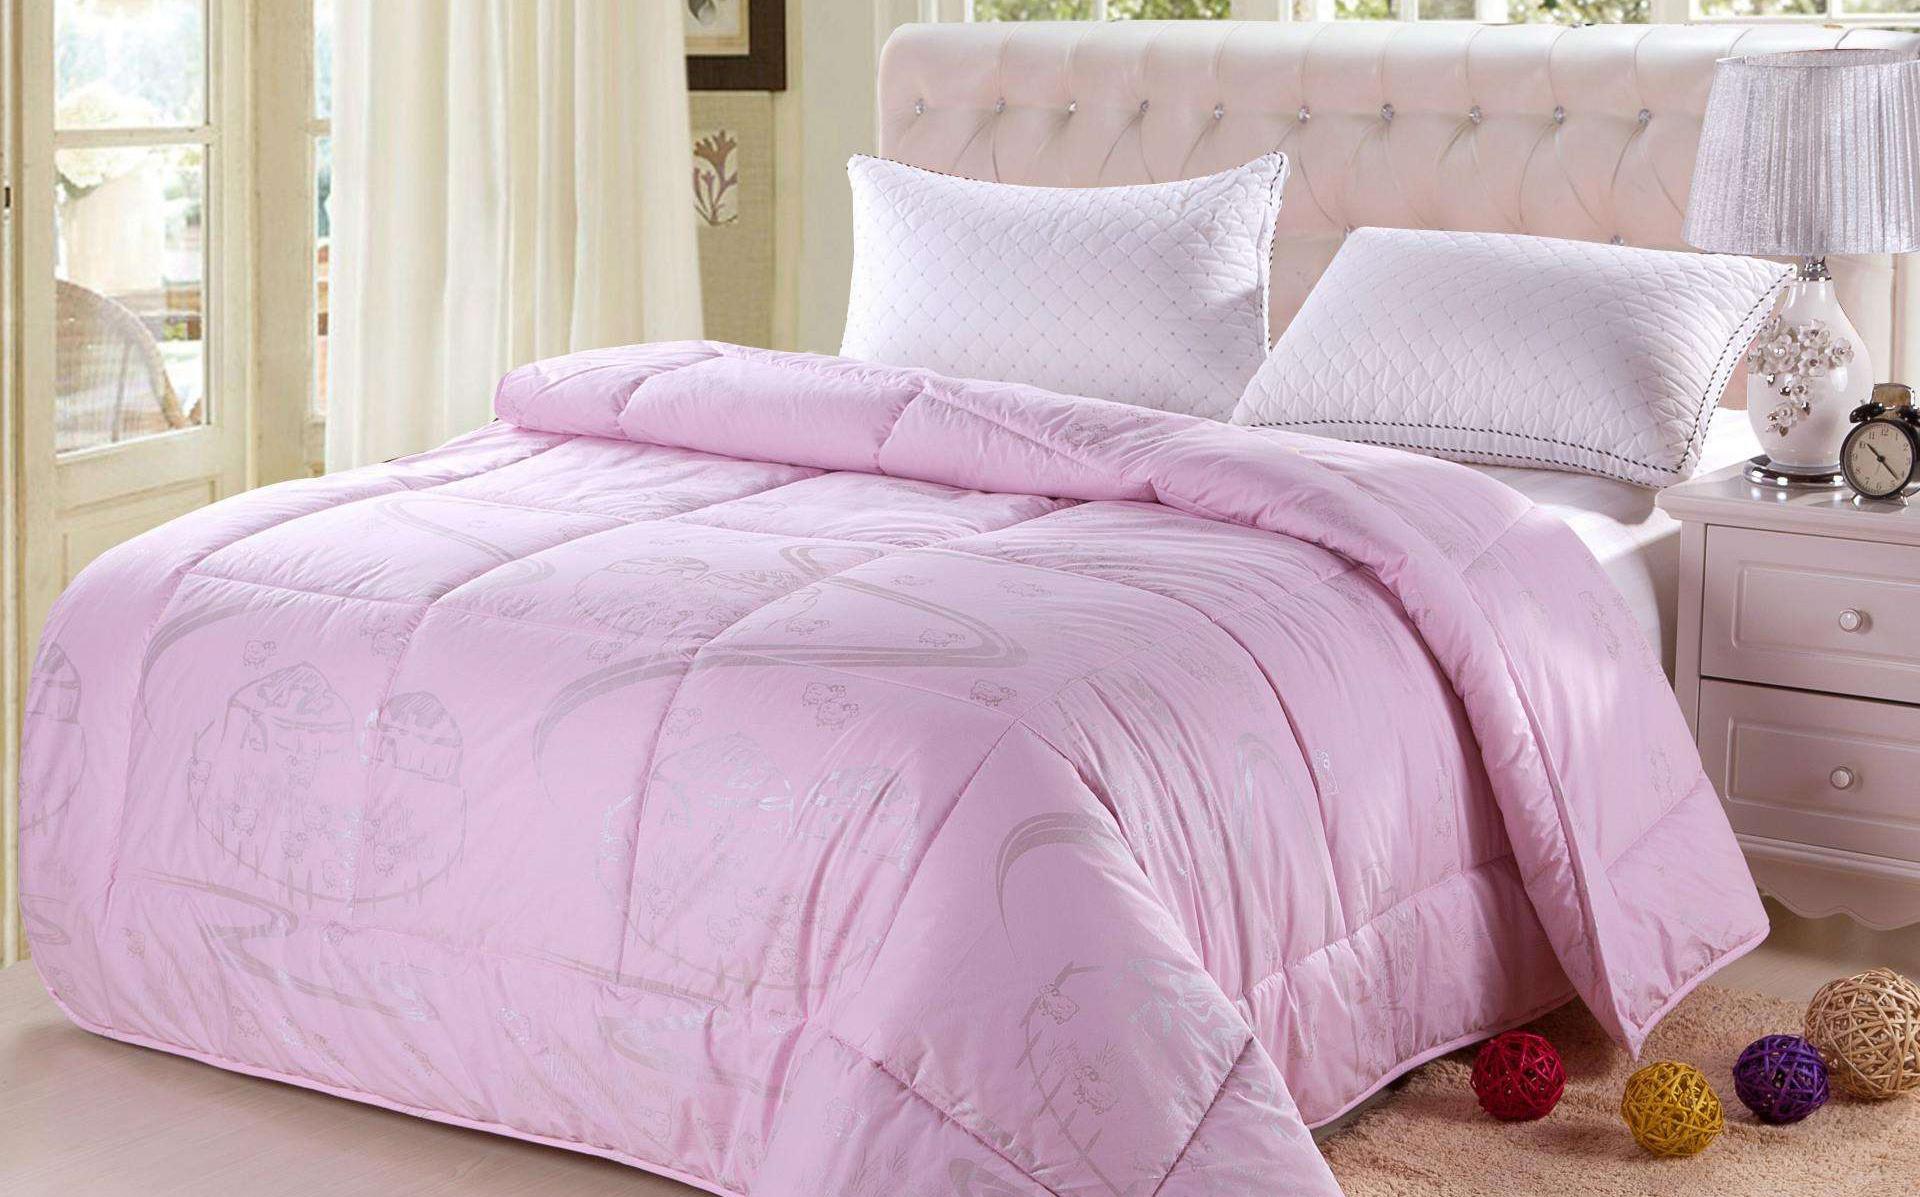 【单人床上用品】单人床上用品简介、三件套及尺寸